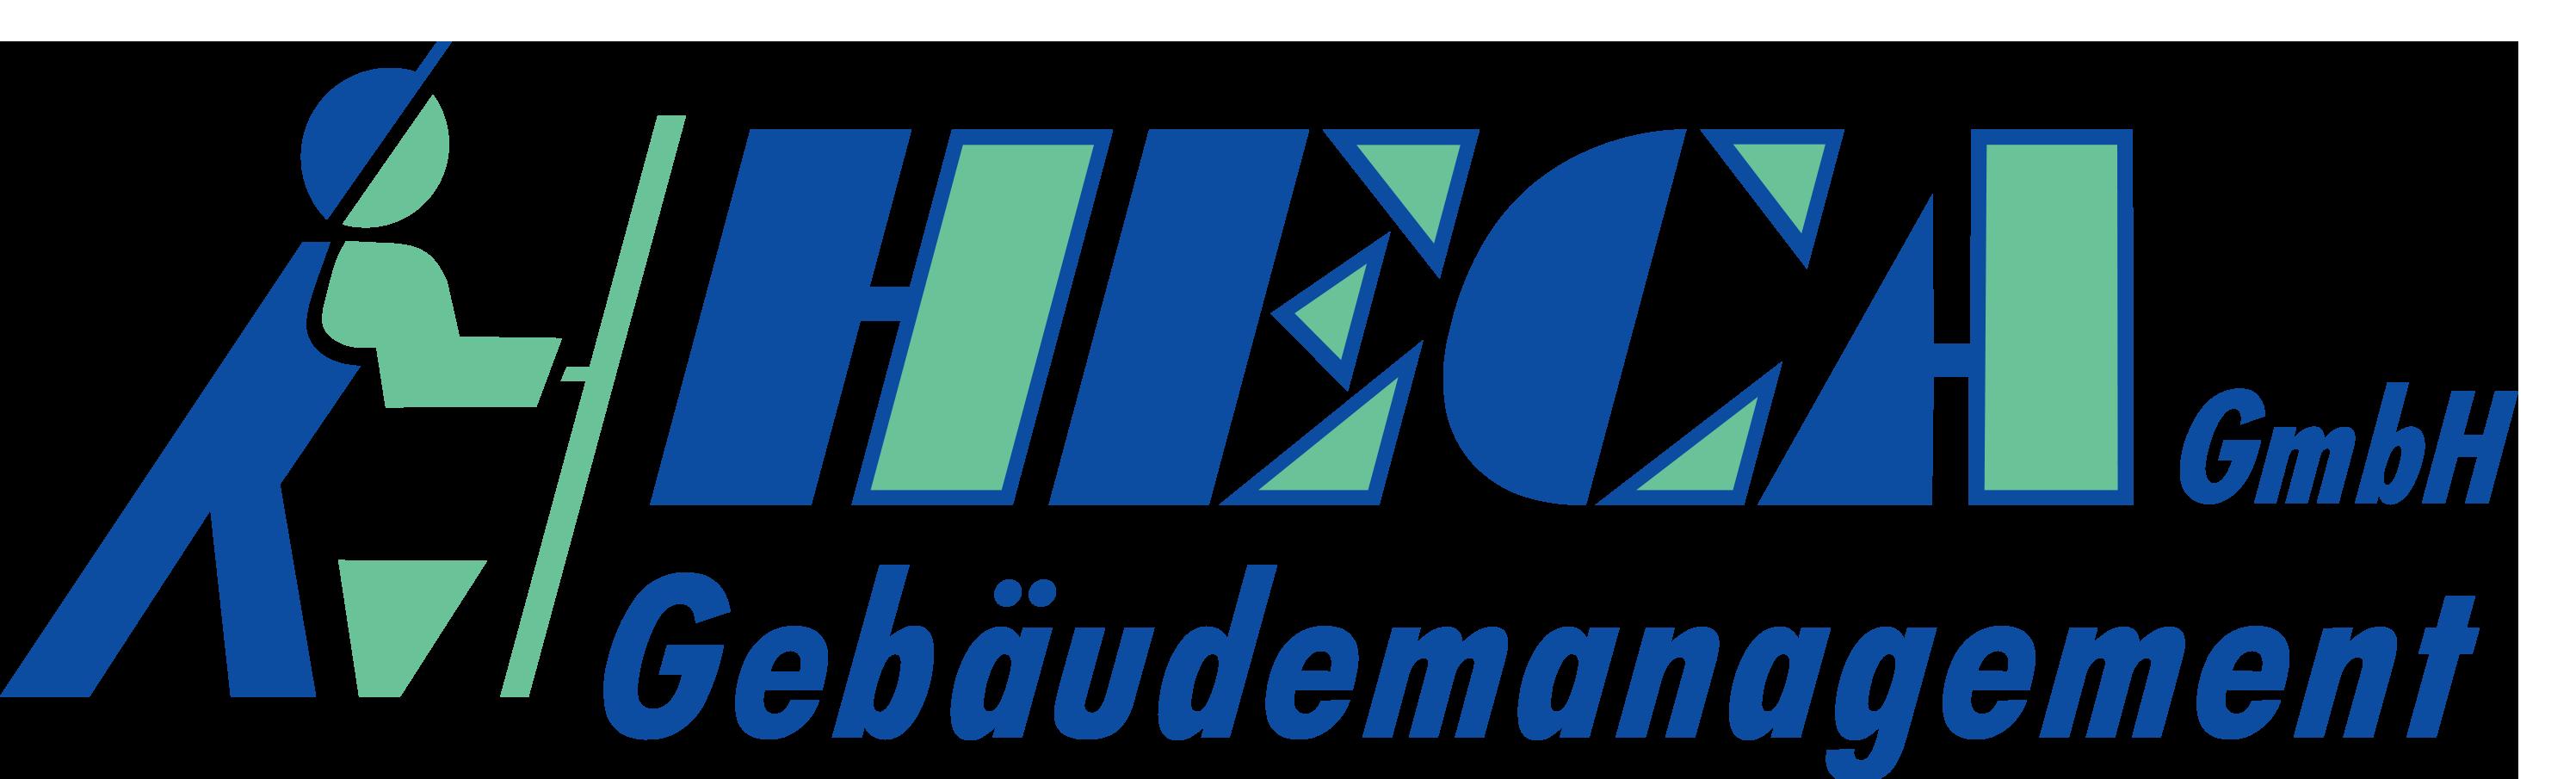 Heca GmbH Gebäudemanagement